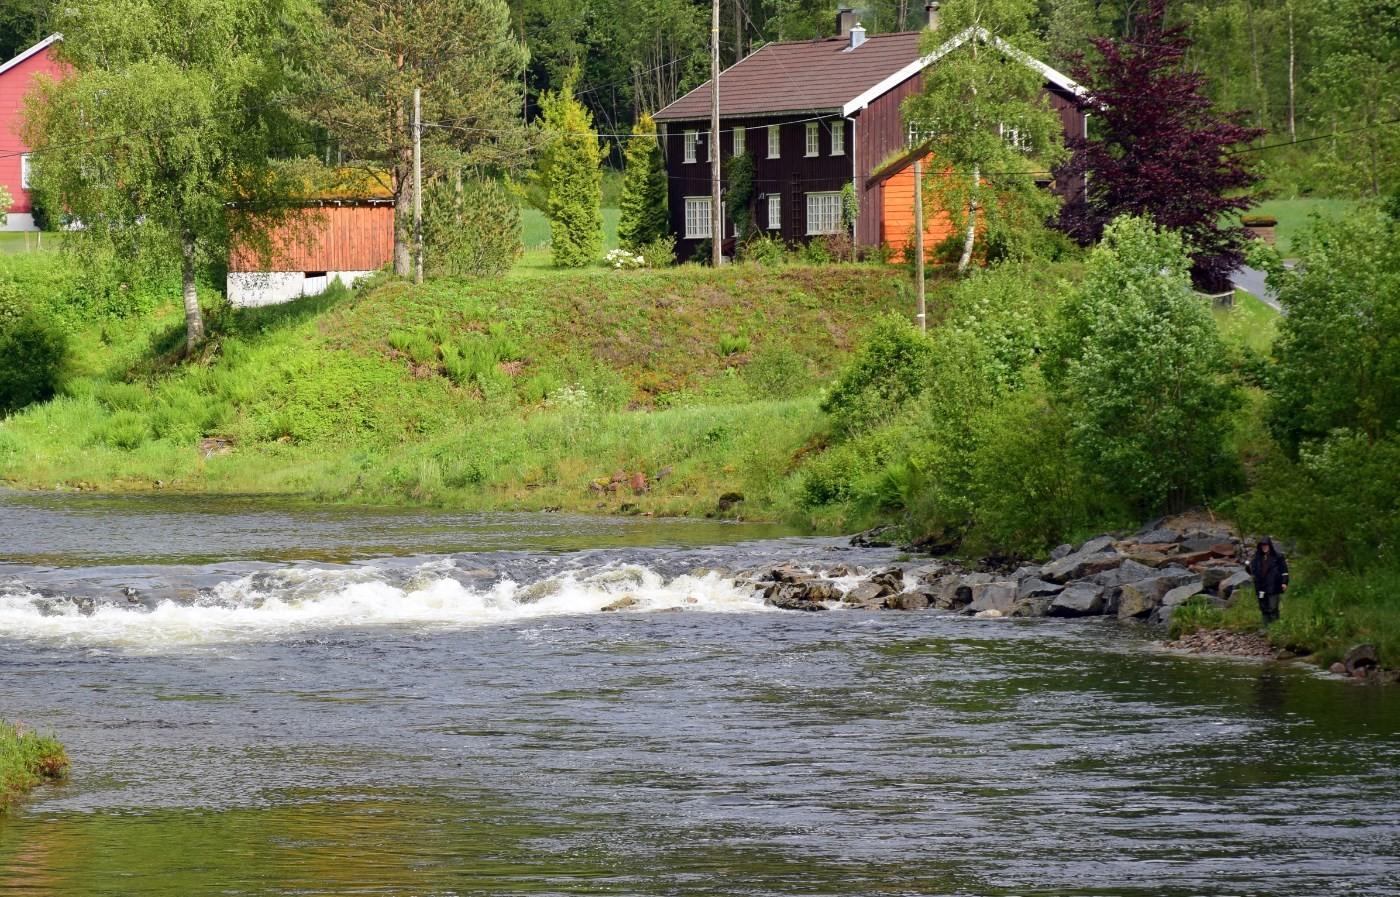 Laksefiskar på plass ved Raudåhølen - godt kledd for å halde varmen i regnværet. Foto: Jon Olav Ørsal